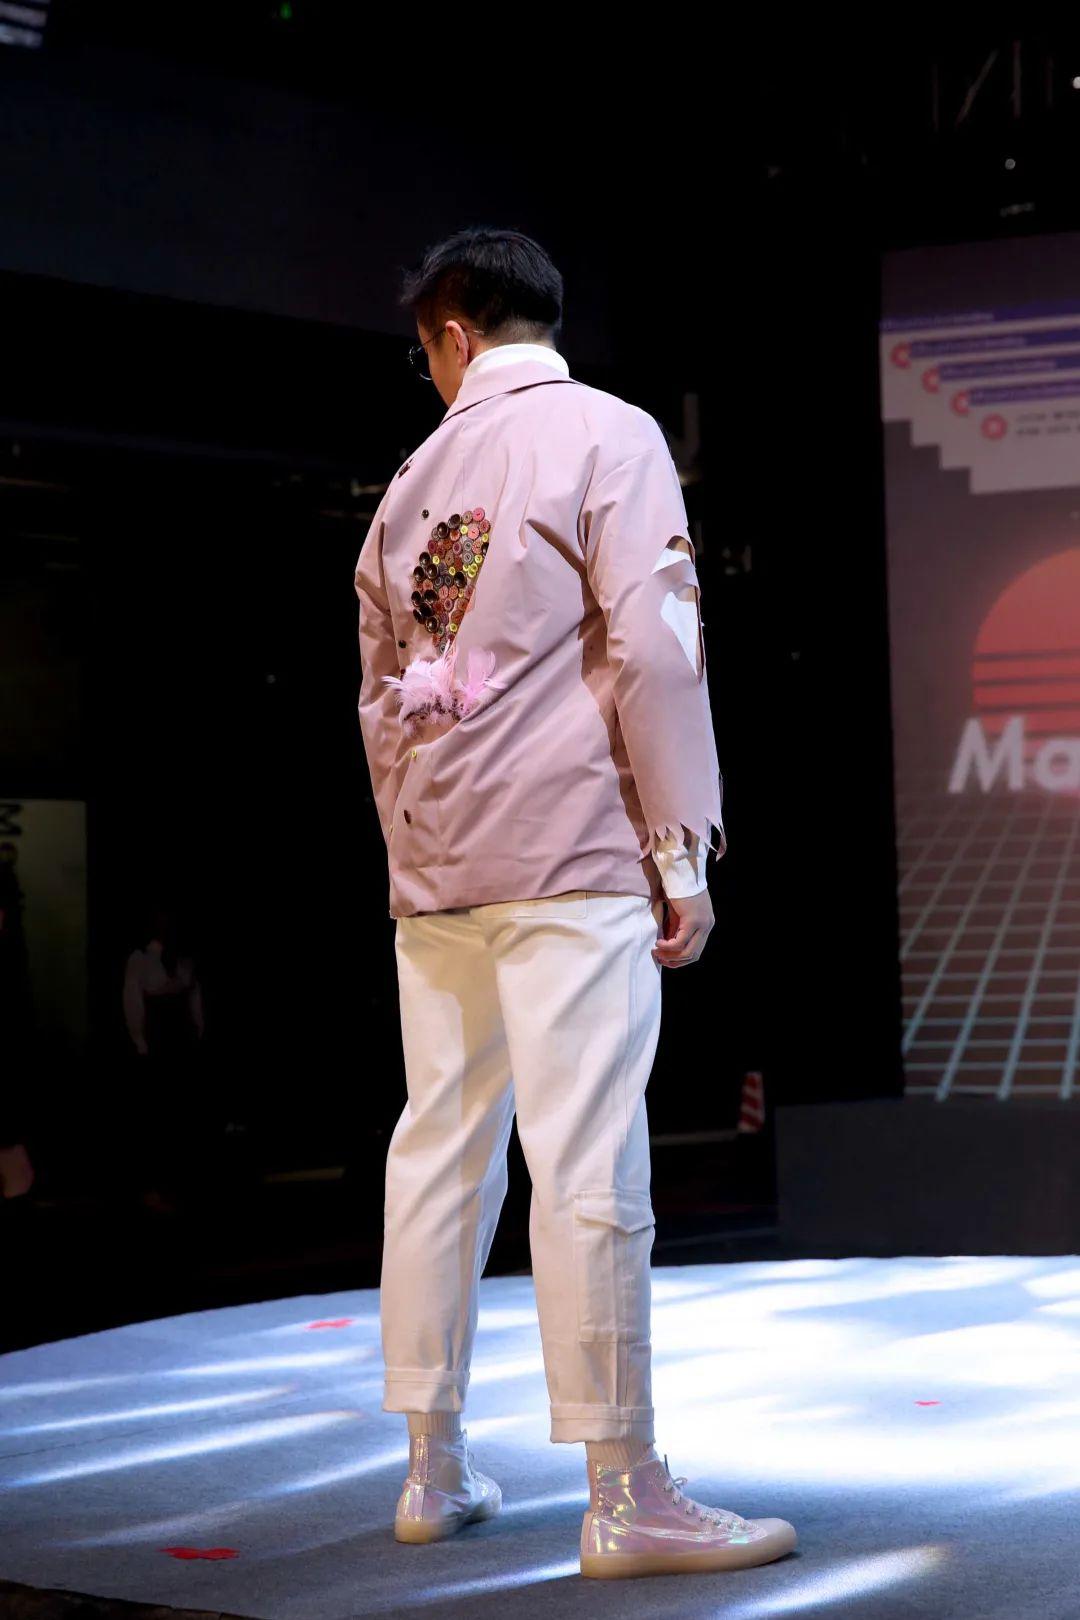 深国交2021 Fashion Show - 校园活动 疫情之下的时尚  深国交 深圳国际交流学院 第15张